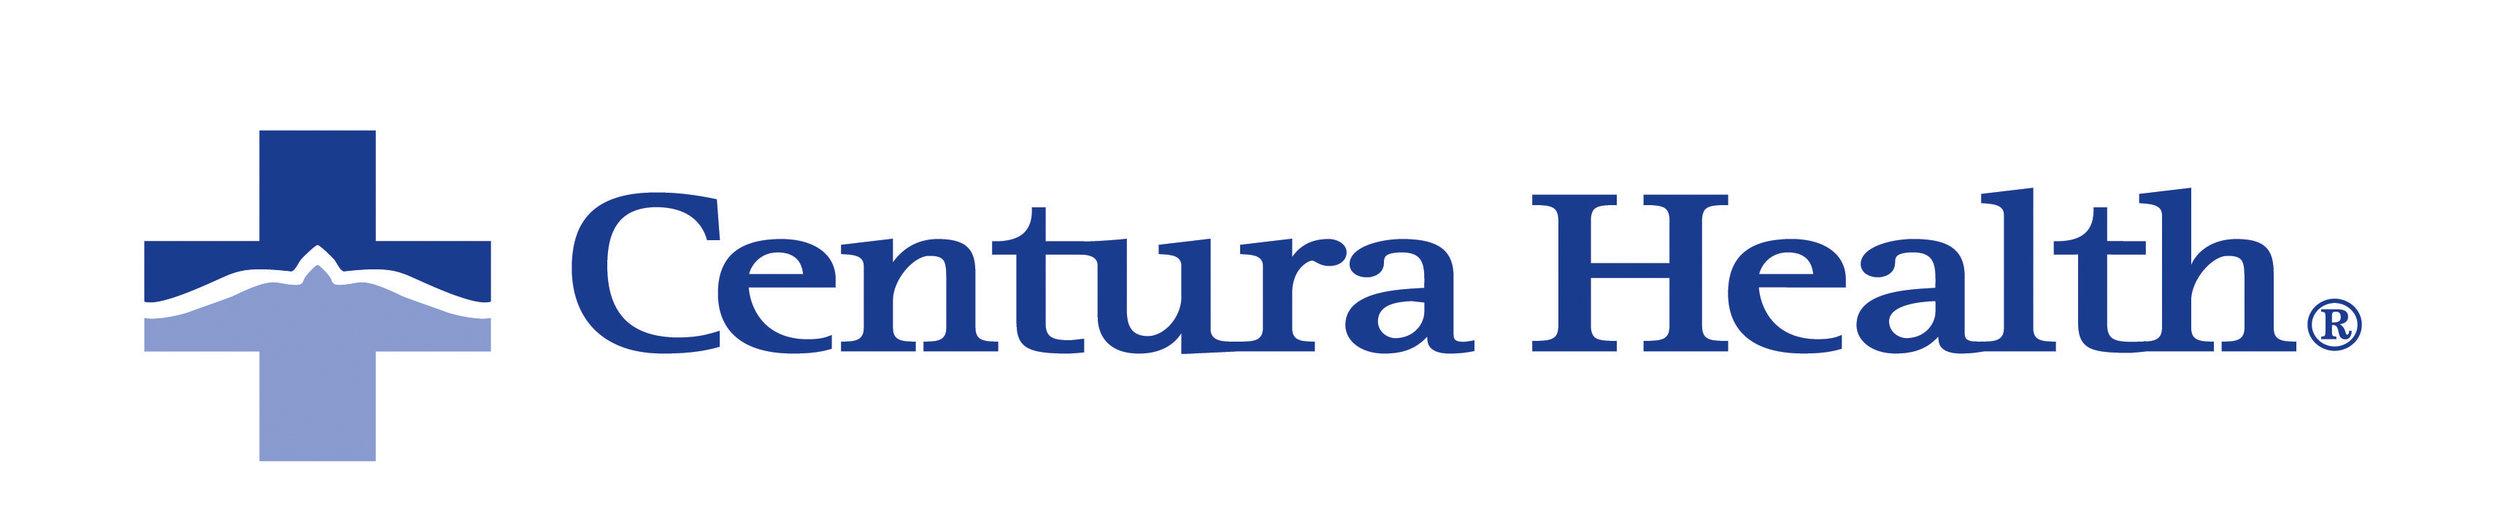 centura_health_logo[1].jpg